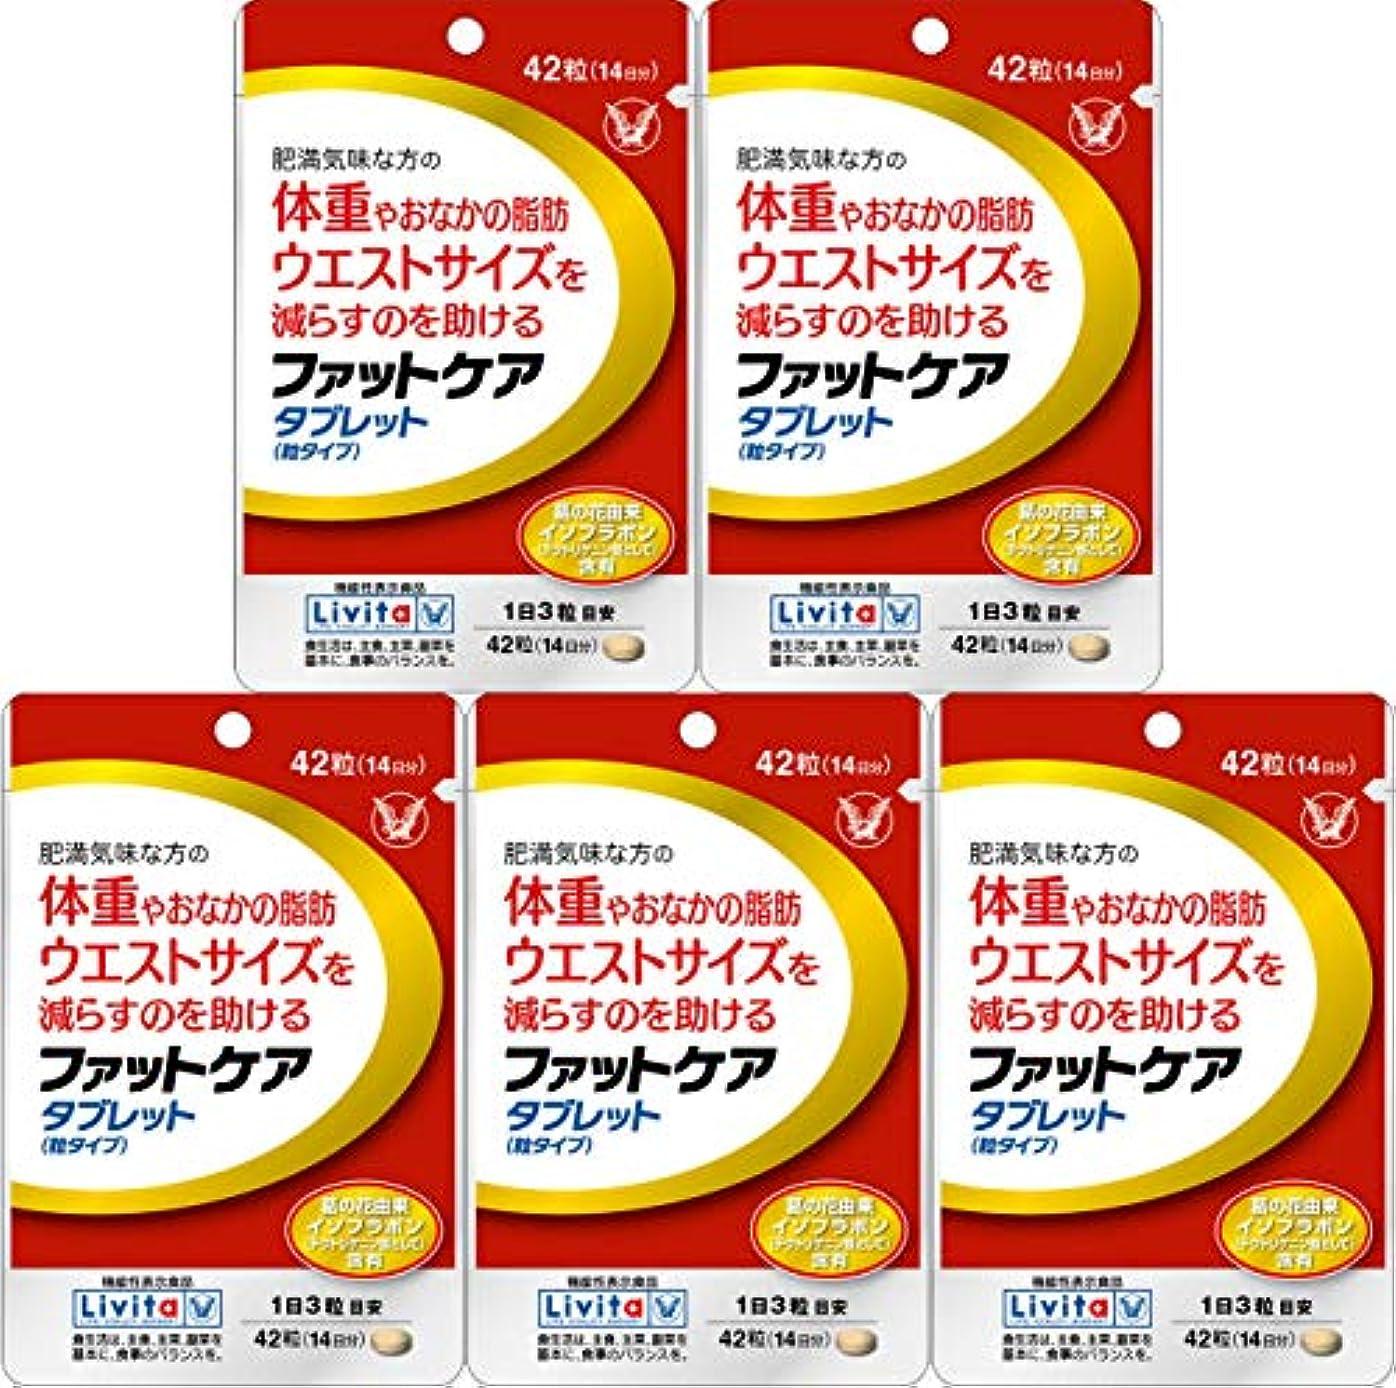 捨てる快適ワンダー【5個セット】ファットケア タブレット 42粒(機能性表示食品)